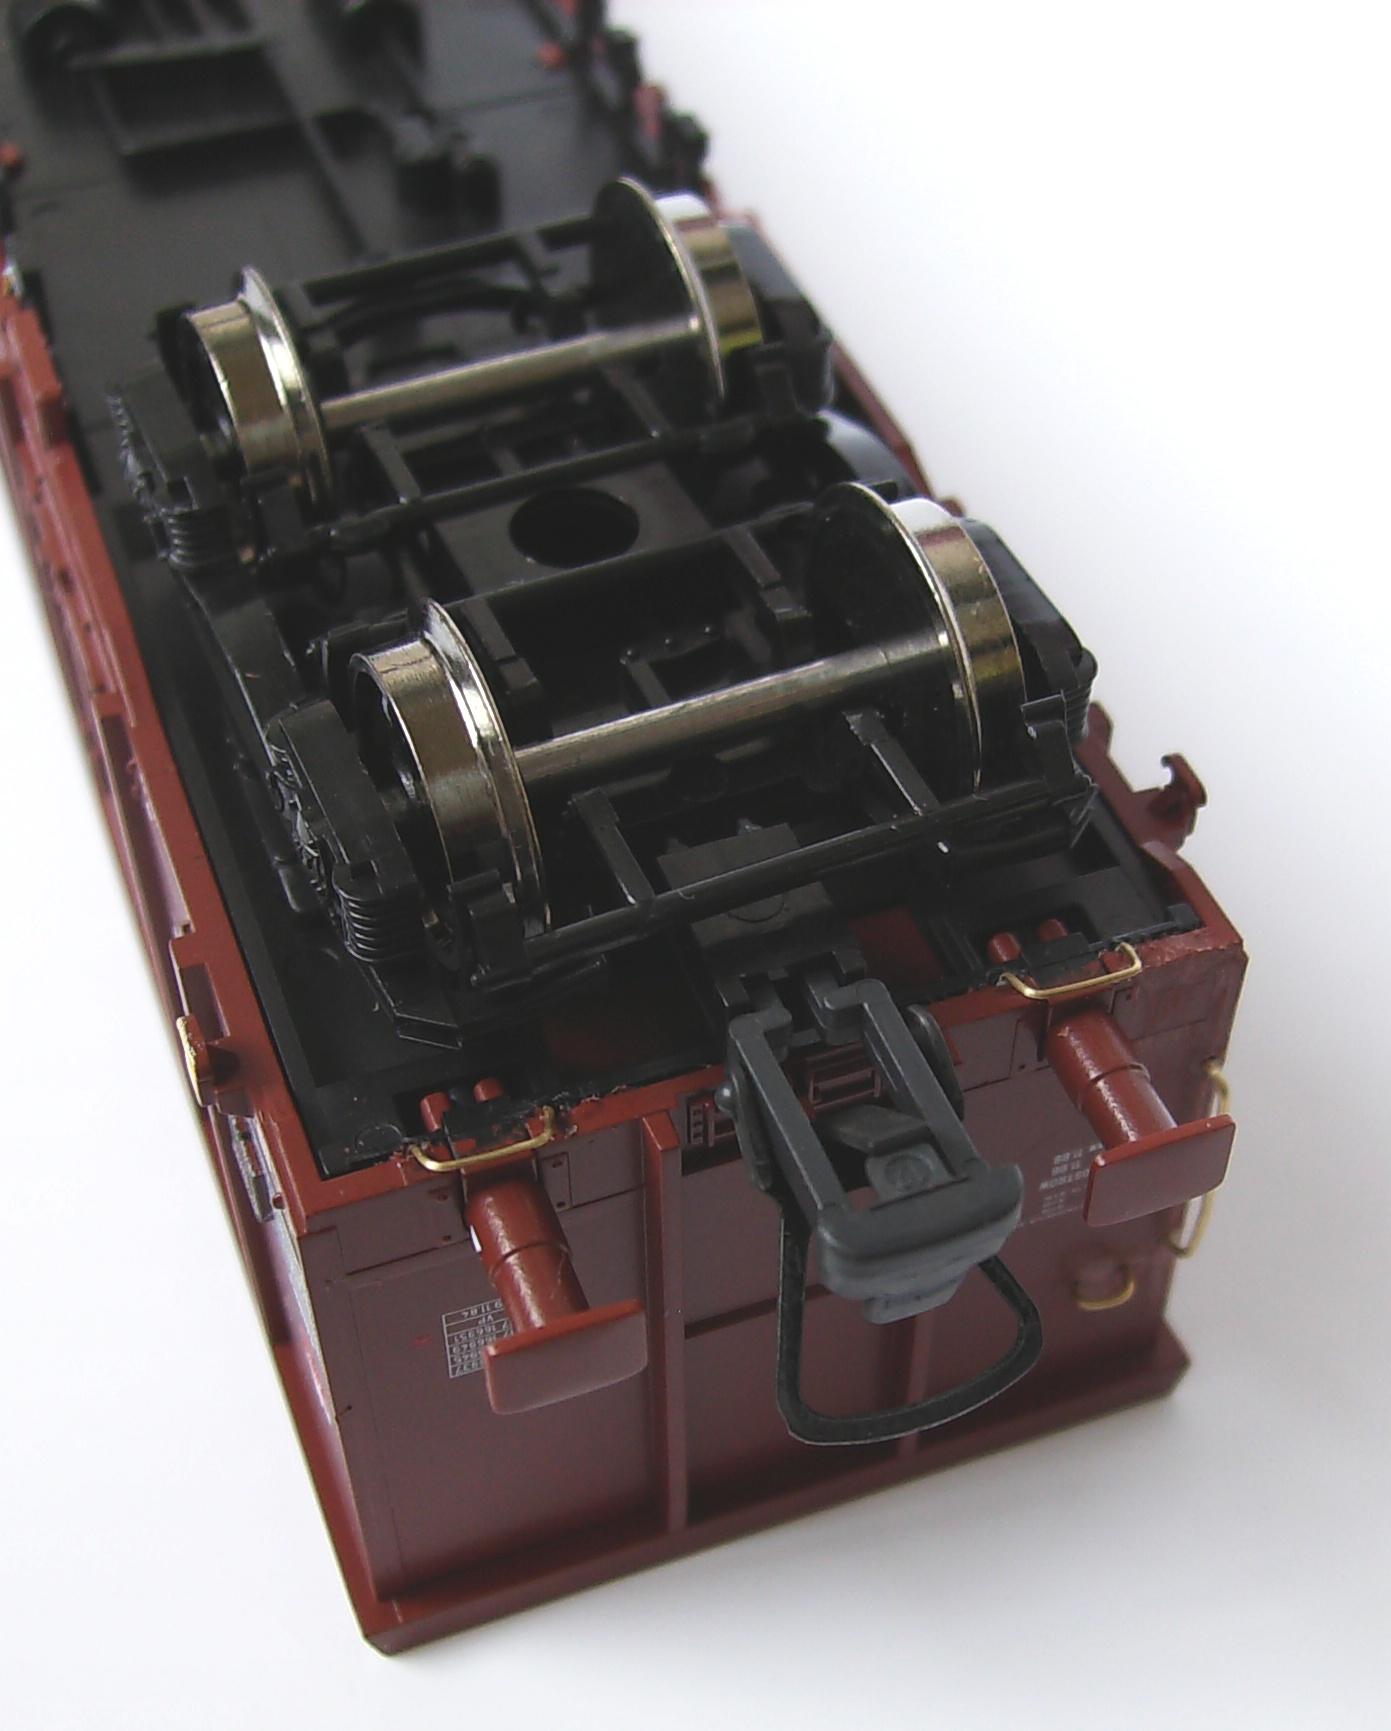 HPIM0014.JPG